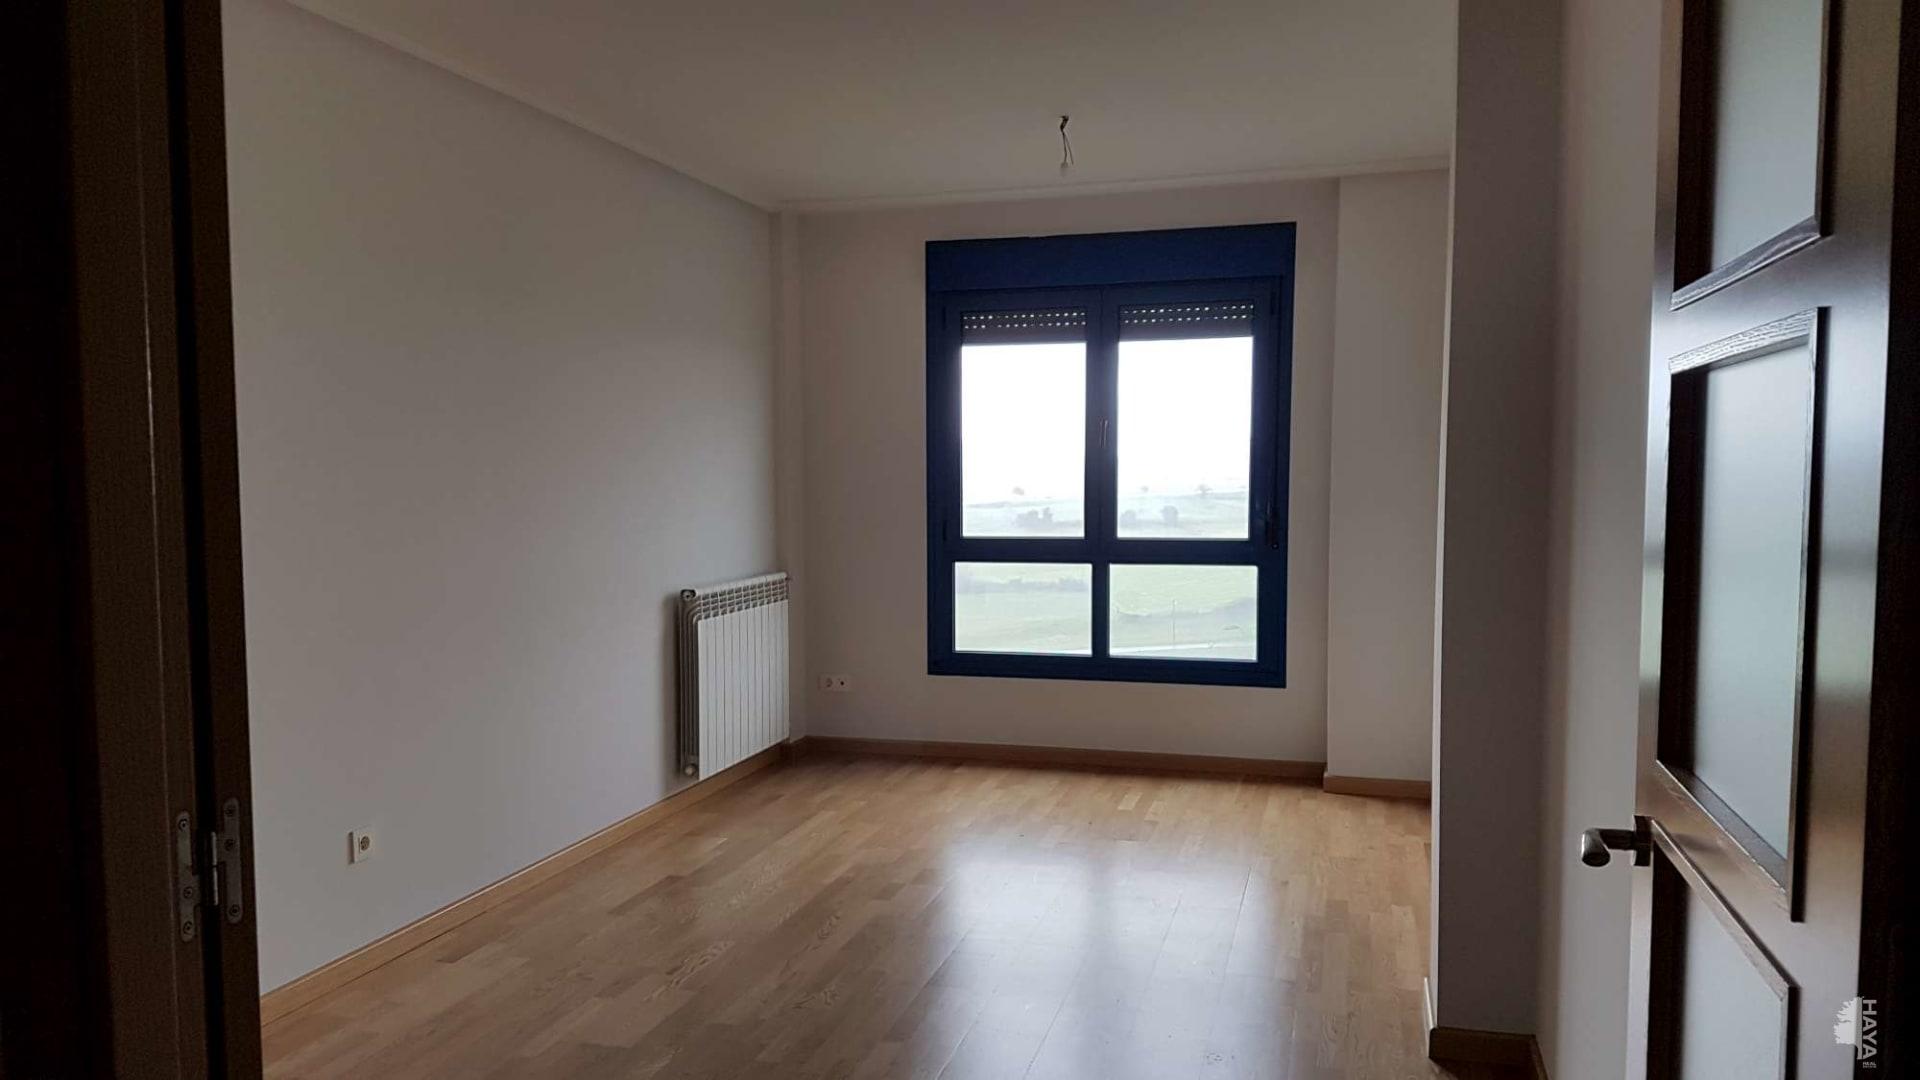 Piso en venta en Favila, Corvera de Asturias, Asturias, Pasaje del Manzano, 116.300 €, 3 habitaciones, 1 baño, 94 m2